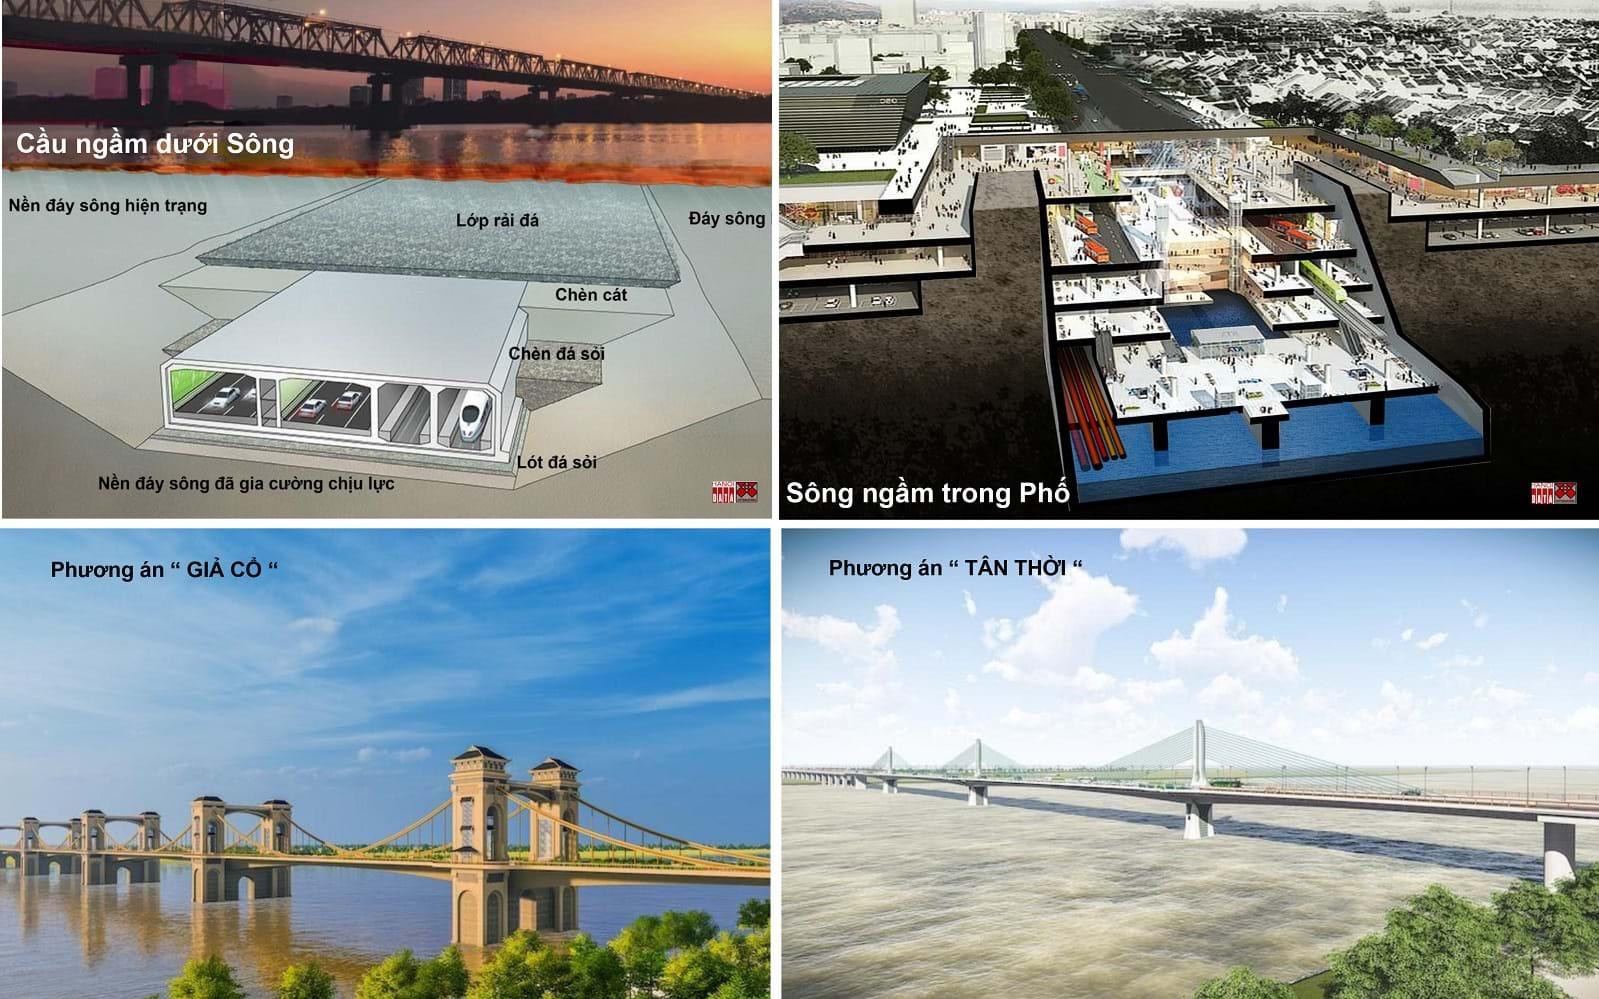 Minh họa phương án cầu/ngầm Trần Hưng Đạo: cầu ngầm hay cầu nổi phụ thuộc vào chiều cao tĩnh không quy định. Nguồn ảnh do City Solution&Hanoidata cung cấp